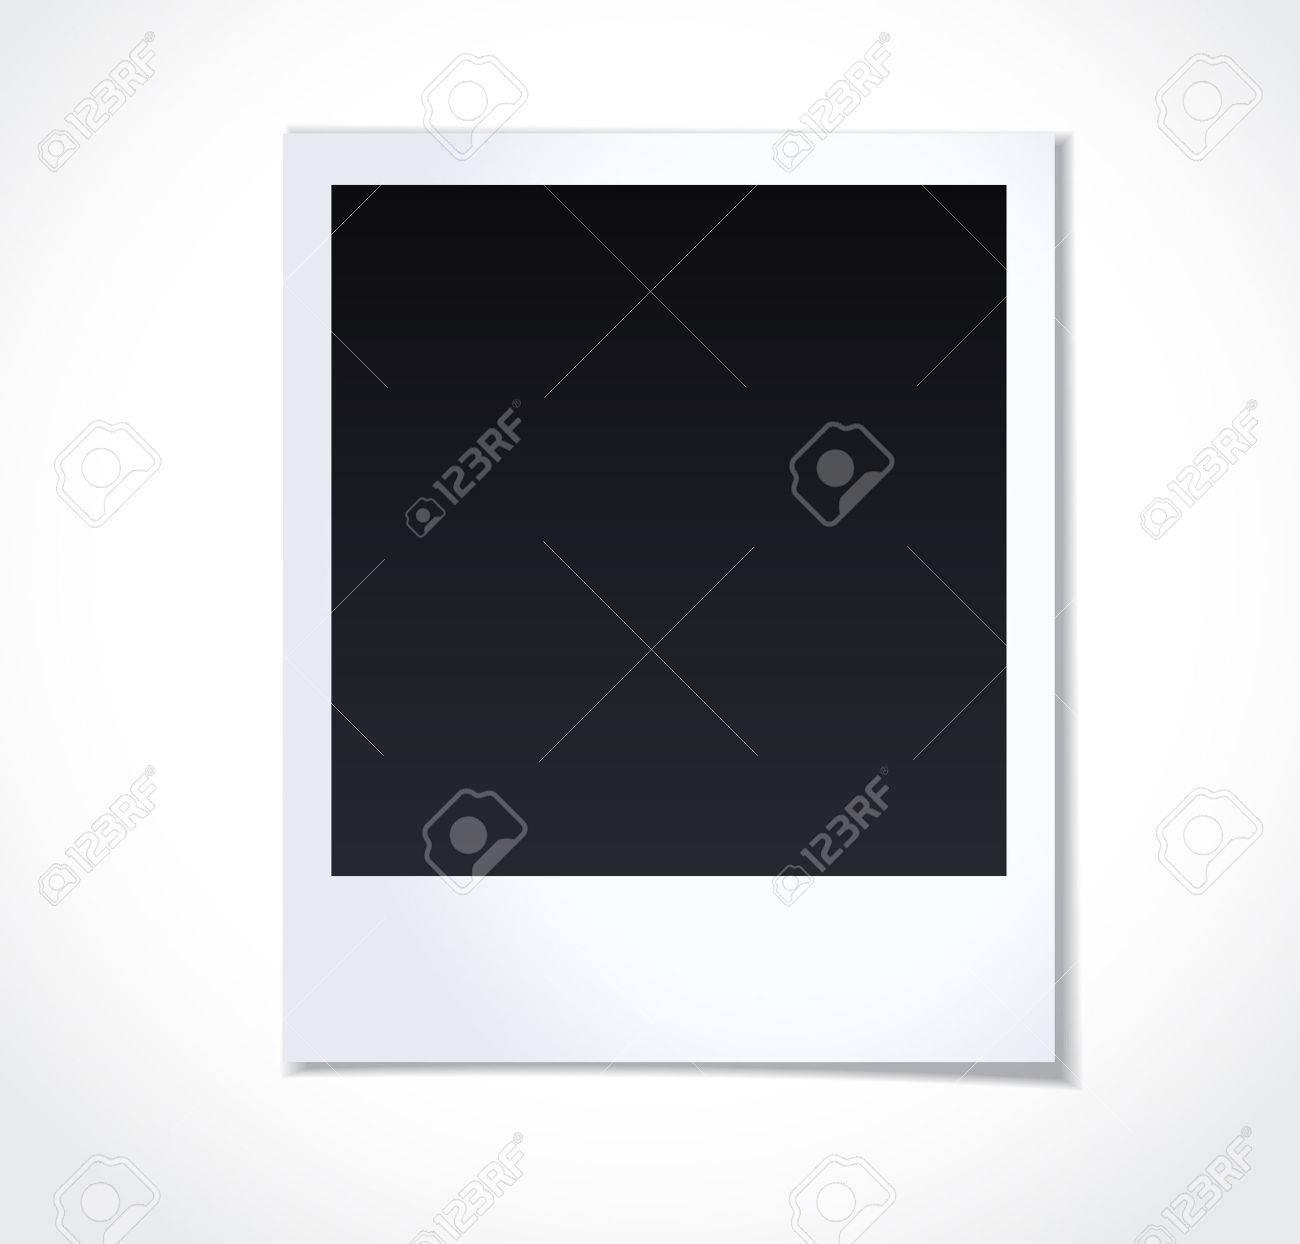 Polaroid Bilderrahmen Auf Weißem Hintergrund Lizenzfrei Nutzbare ...